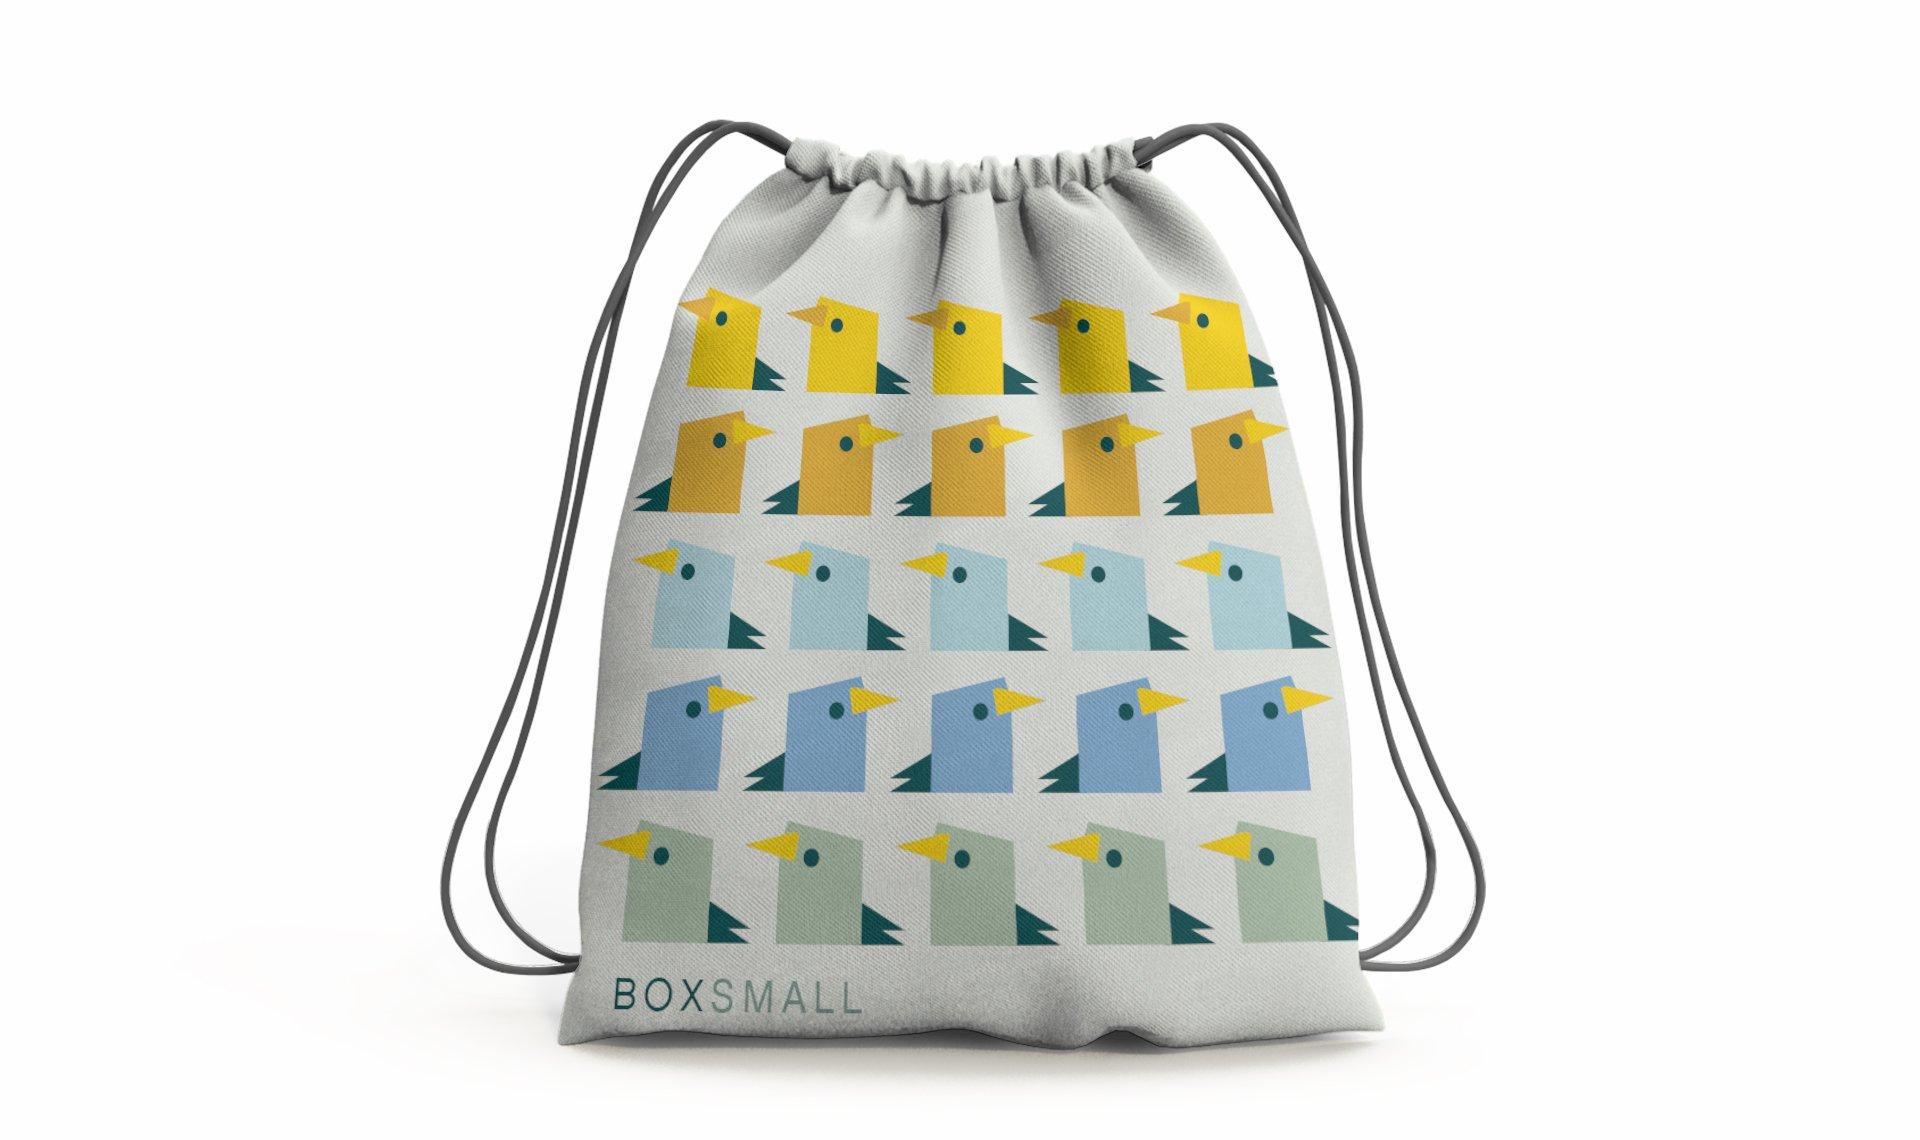 BoxSmall Edinburgh drawstring bag design